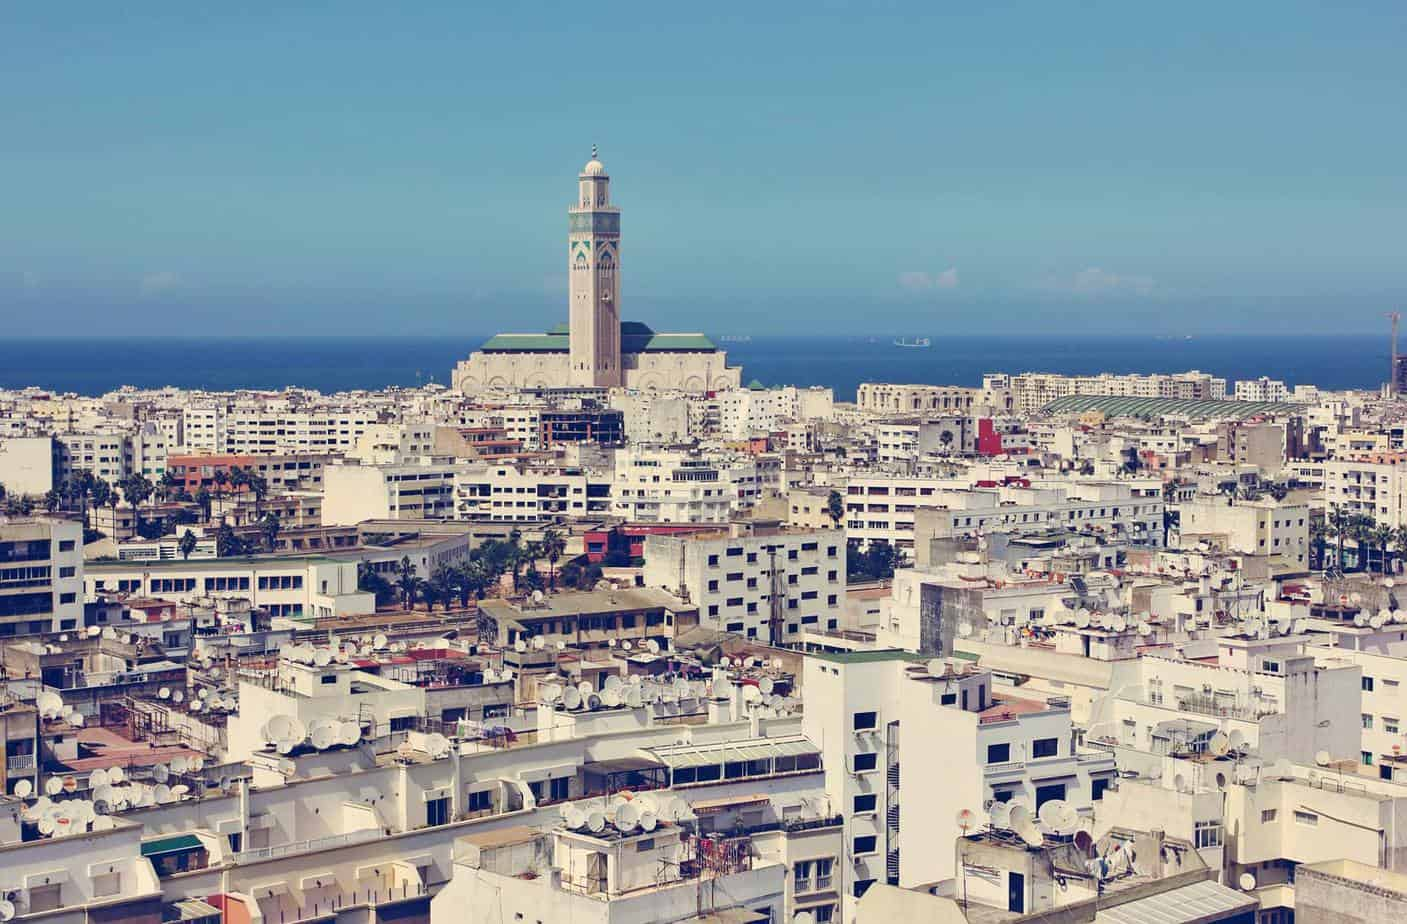 افضل 3 انشطة في كاتدرائية الدار البيضاء